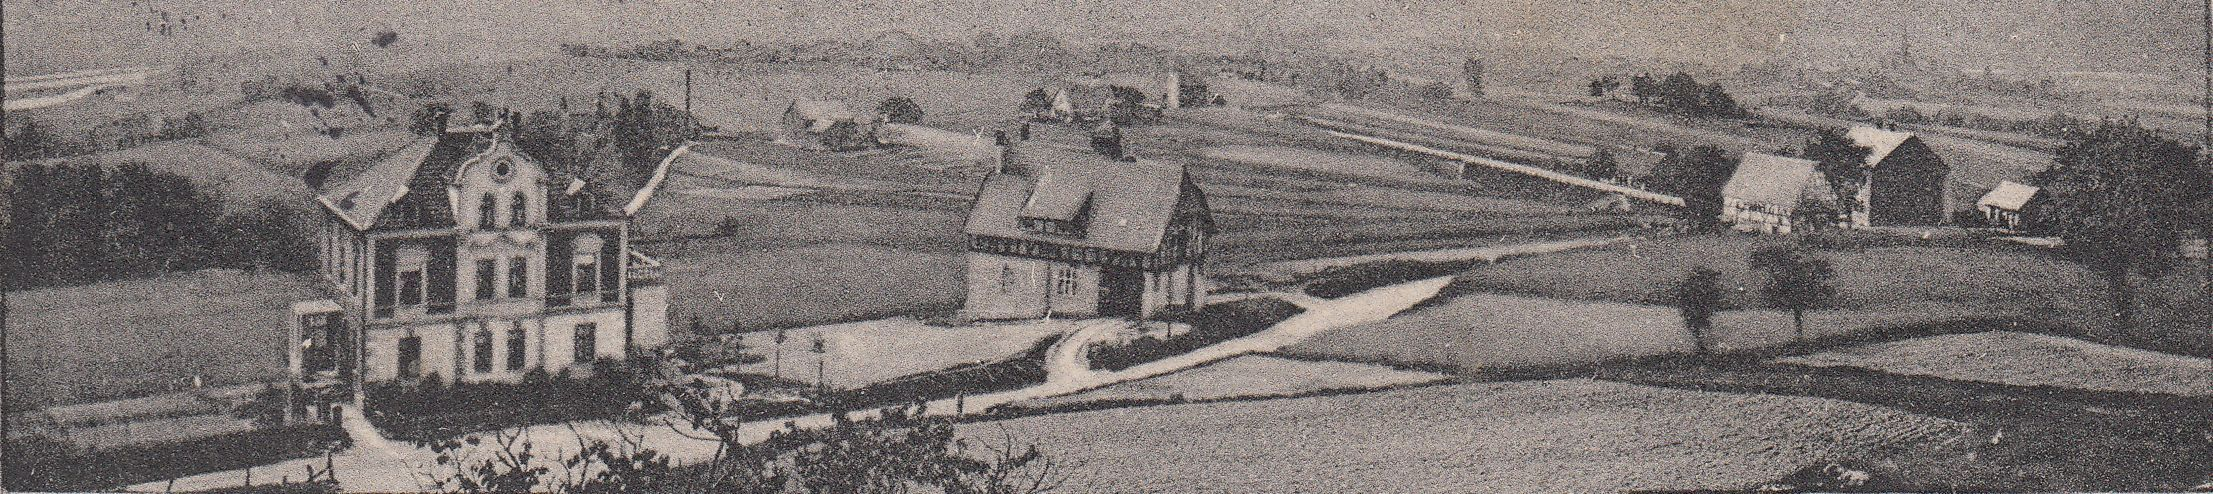 Blick von Haus Frische in Richtung Süden auf die heutige Kemnader Straße, in der Bildmitte die alte Genossenschaft, Foto ca. nach 1910